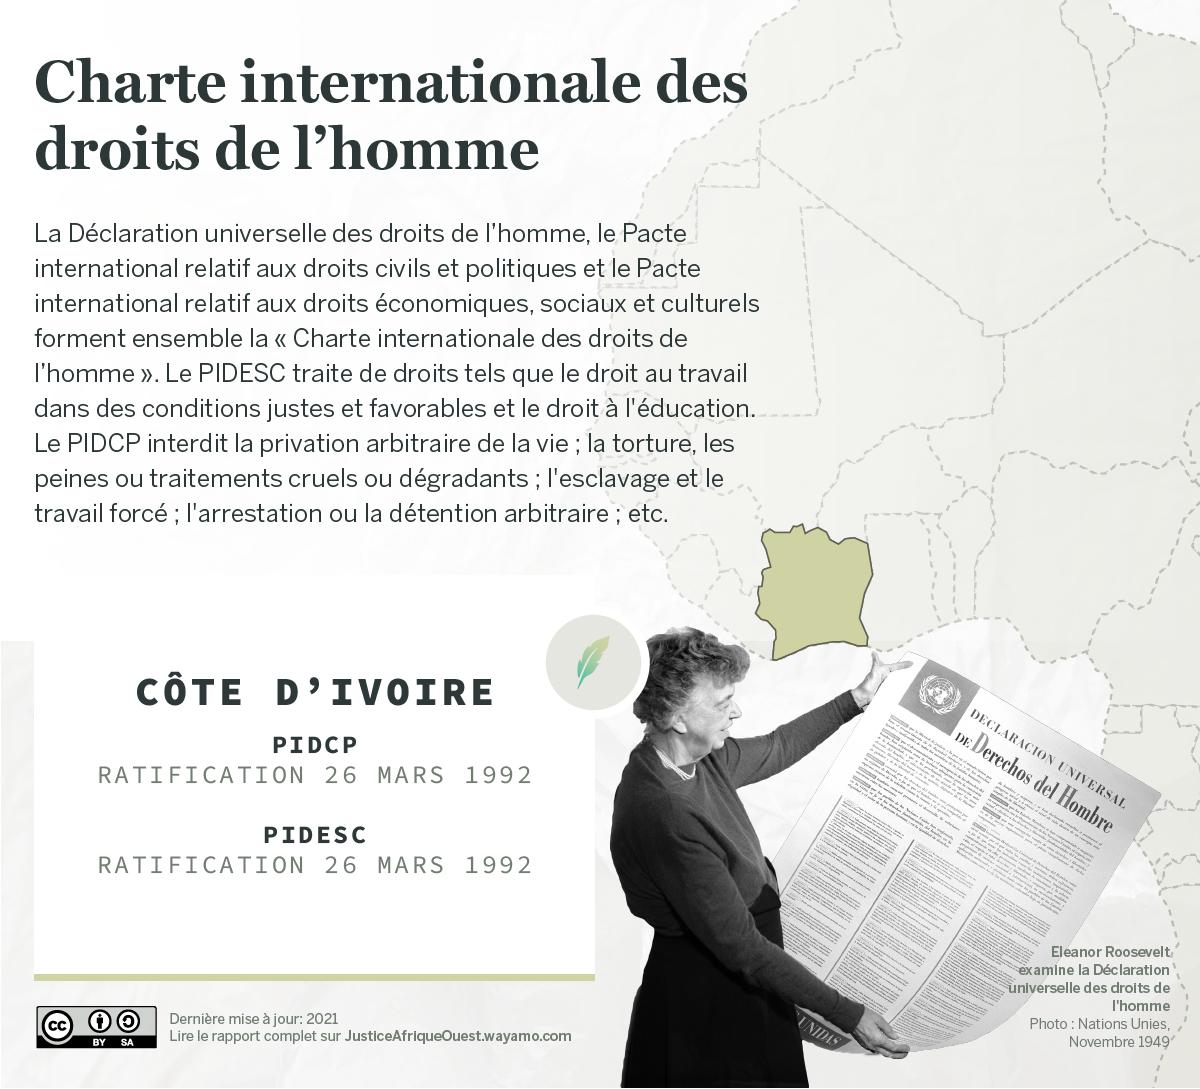 COTE D'IVOIRE_Charte internationale des droits de l'homme - Wayamo Foundation (CC BY-SA 4.0)